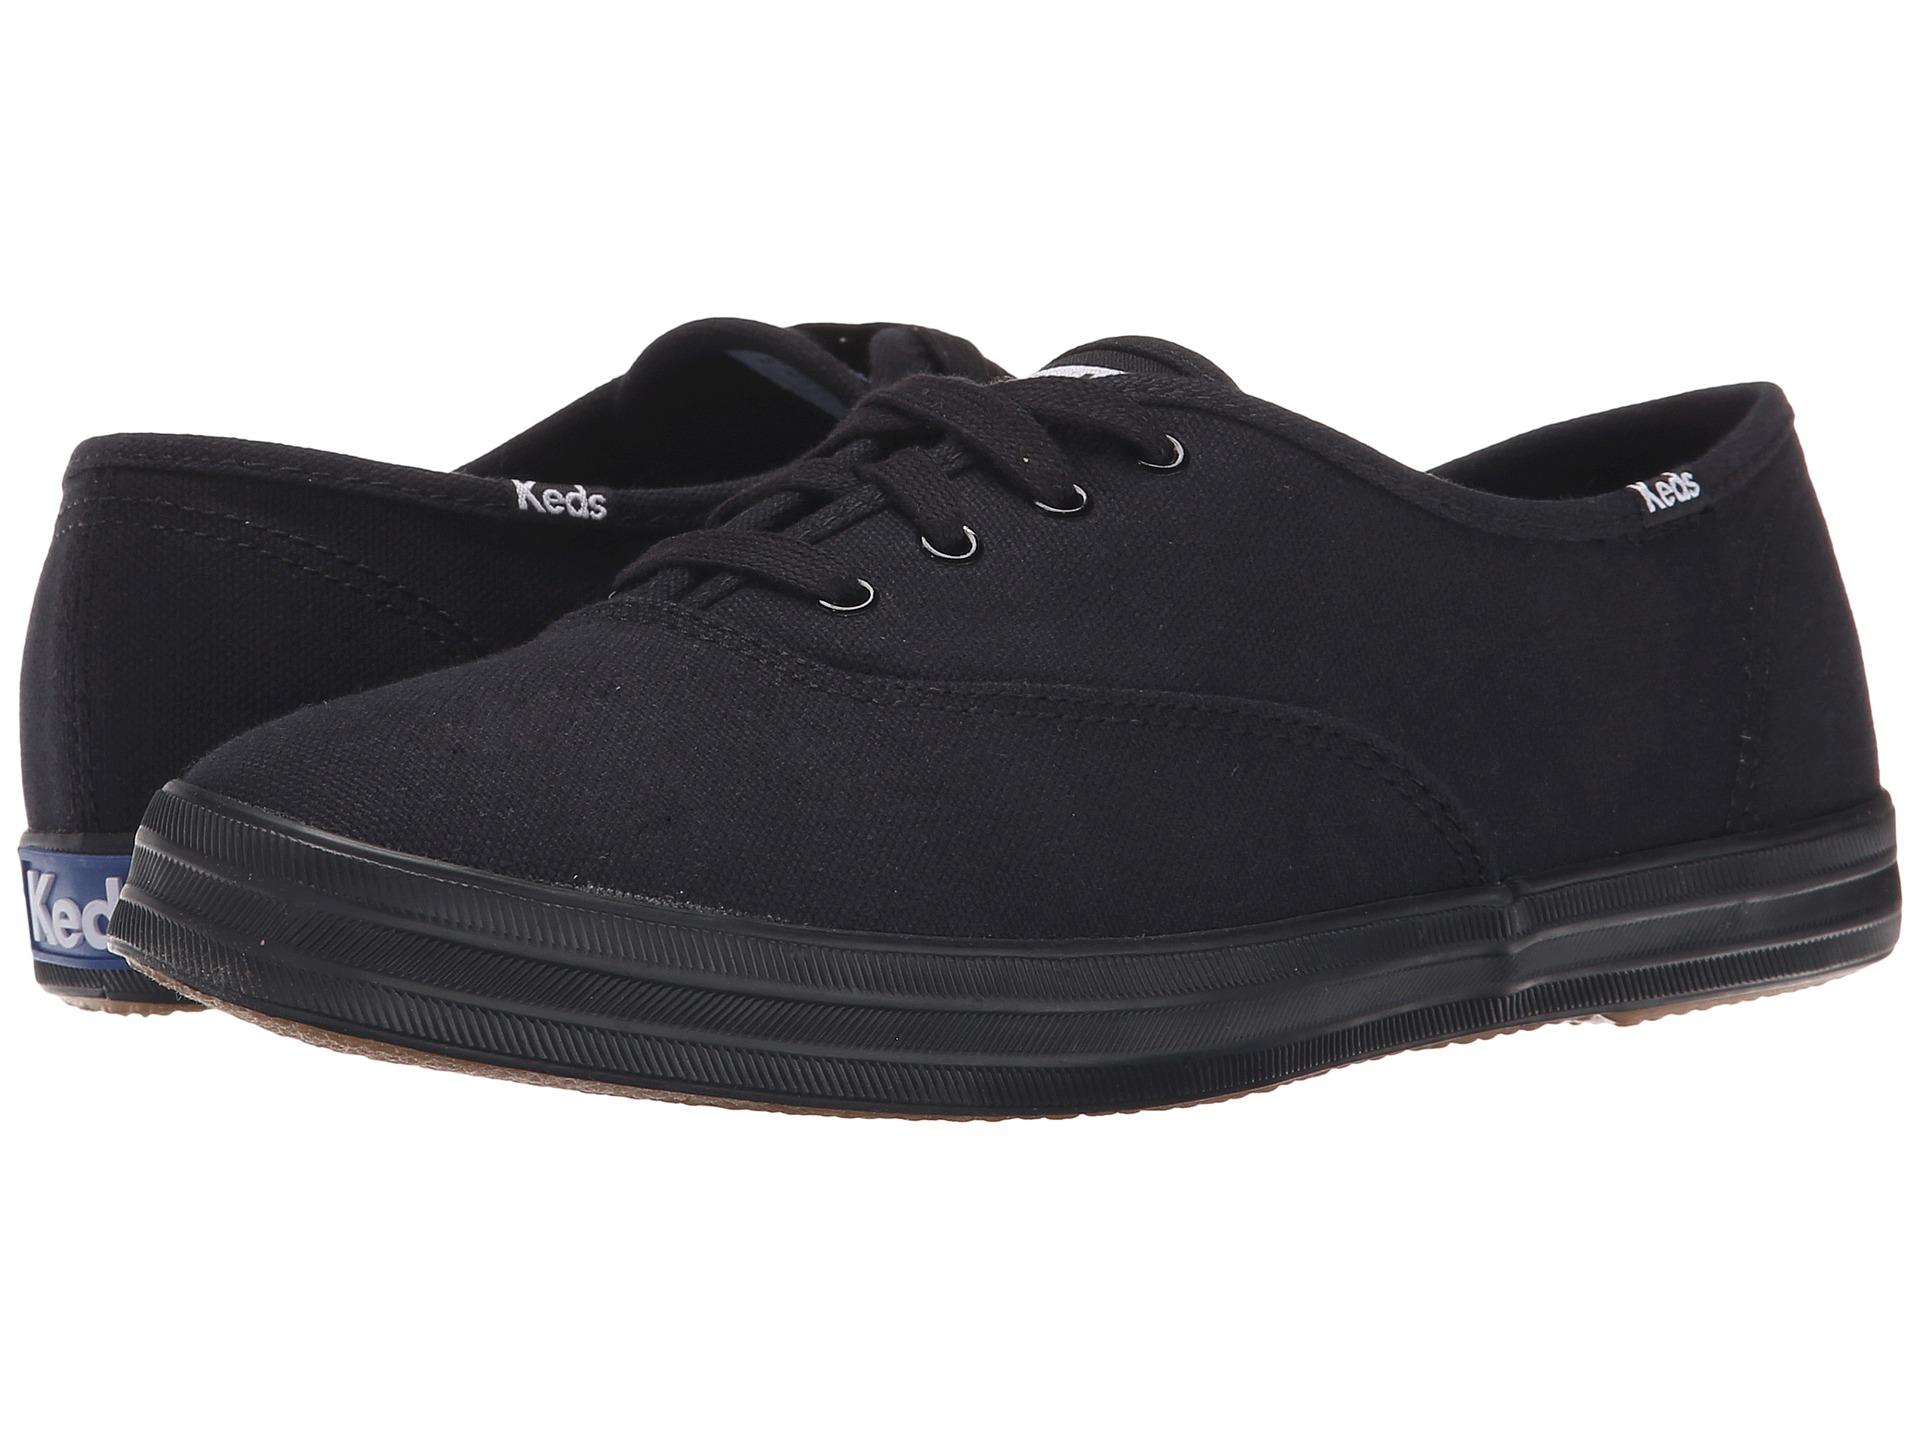 keds-erkek-ayakkabi-modelleri